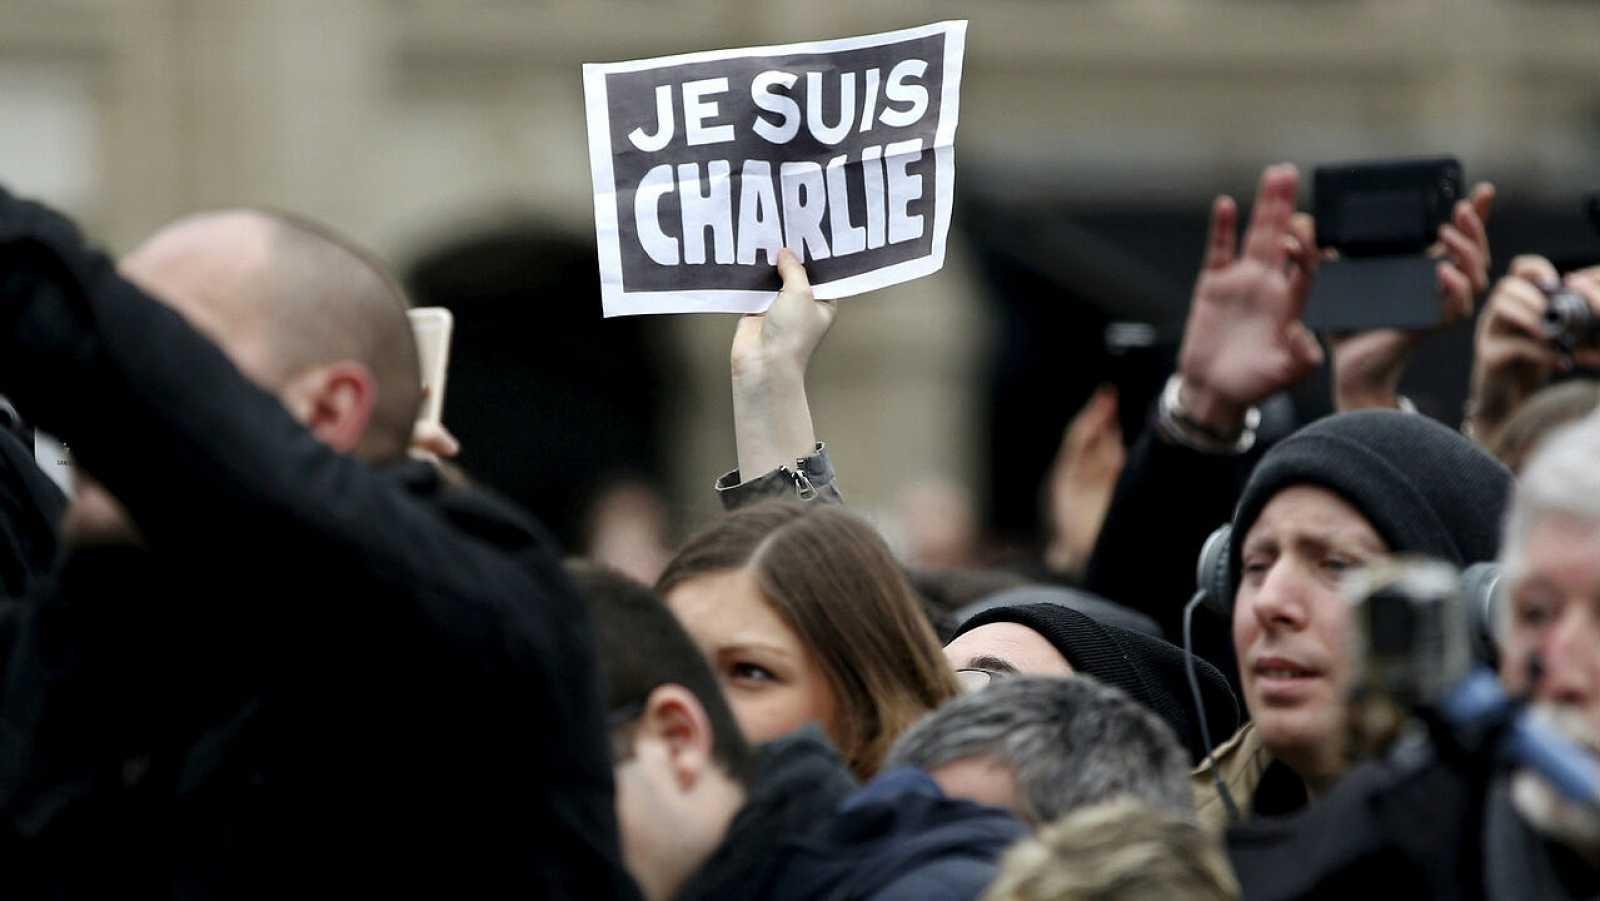 Comienza en Francia el juicio por el atentados yihadistas de 'Charlie Hebdo'